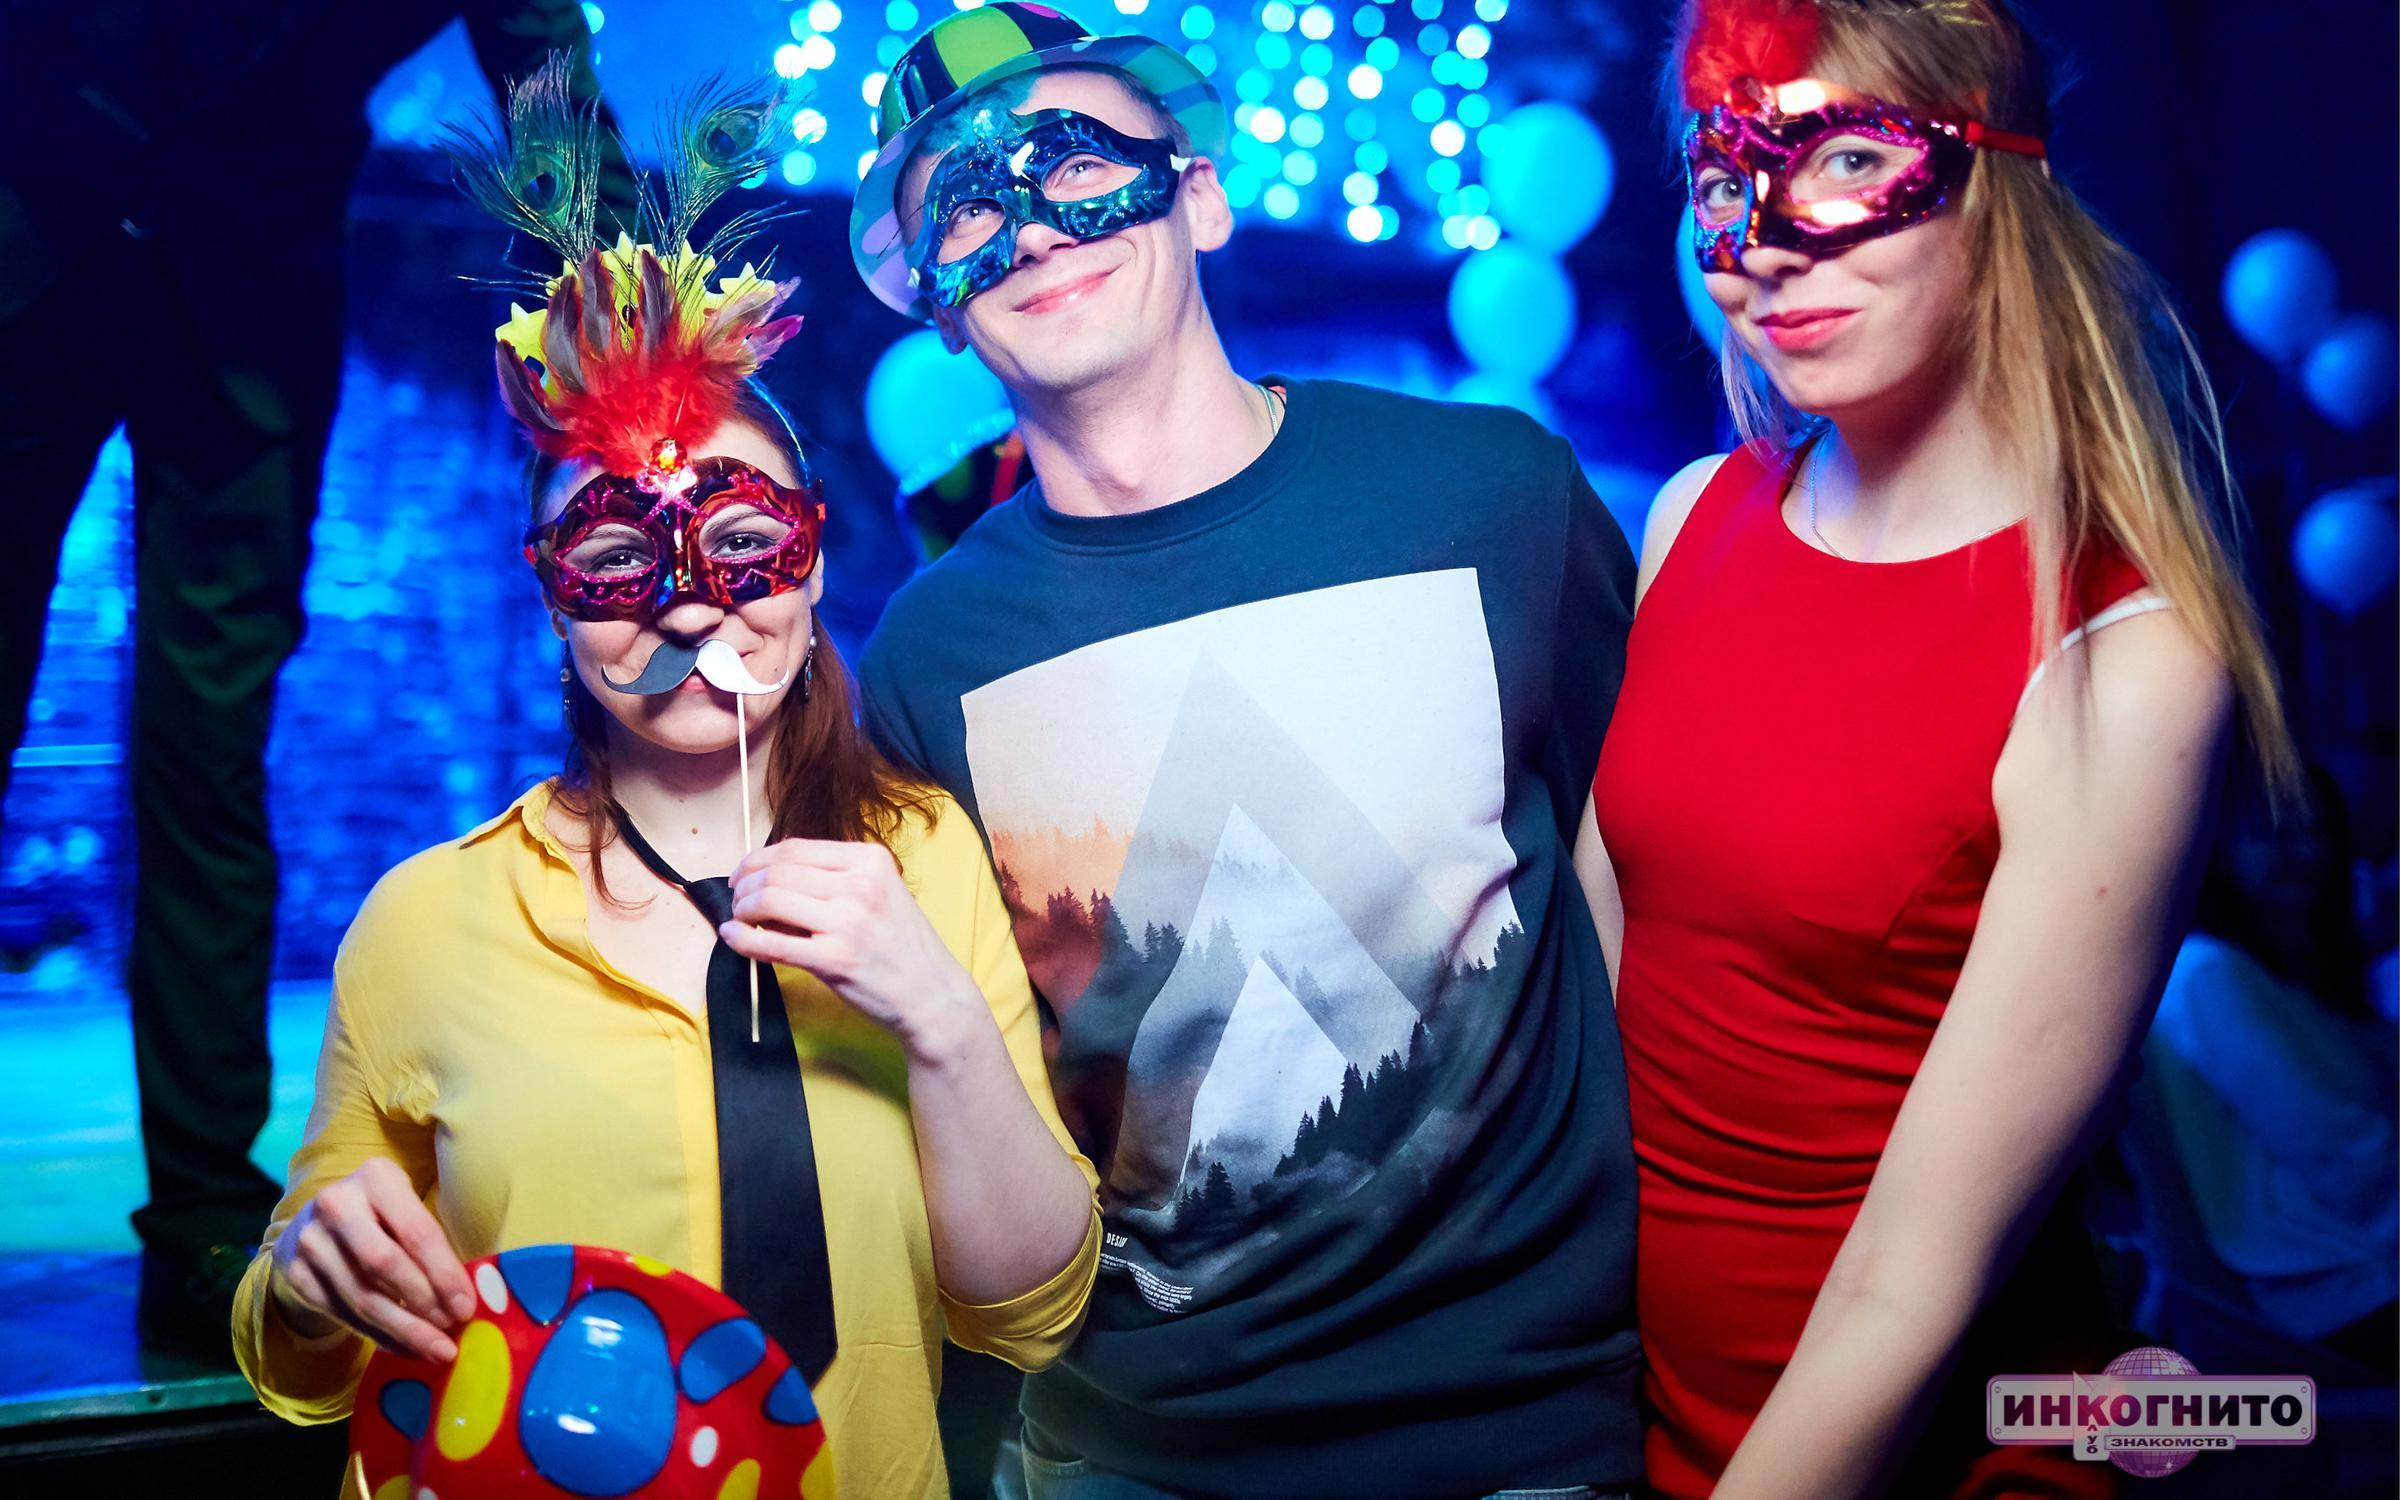 фотография Клуба знакомств Инкогнито на Большой Серпуховской улице